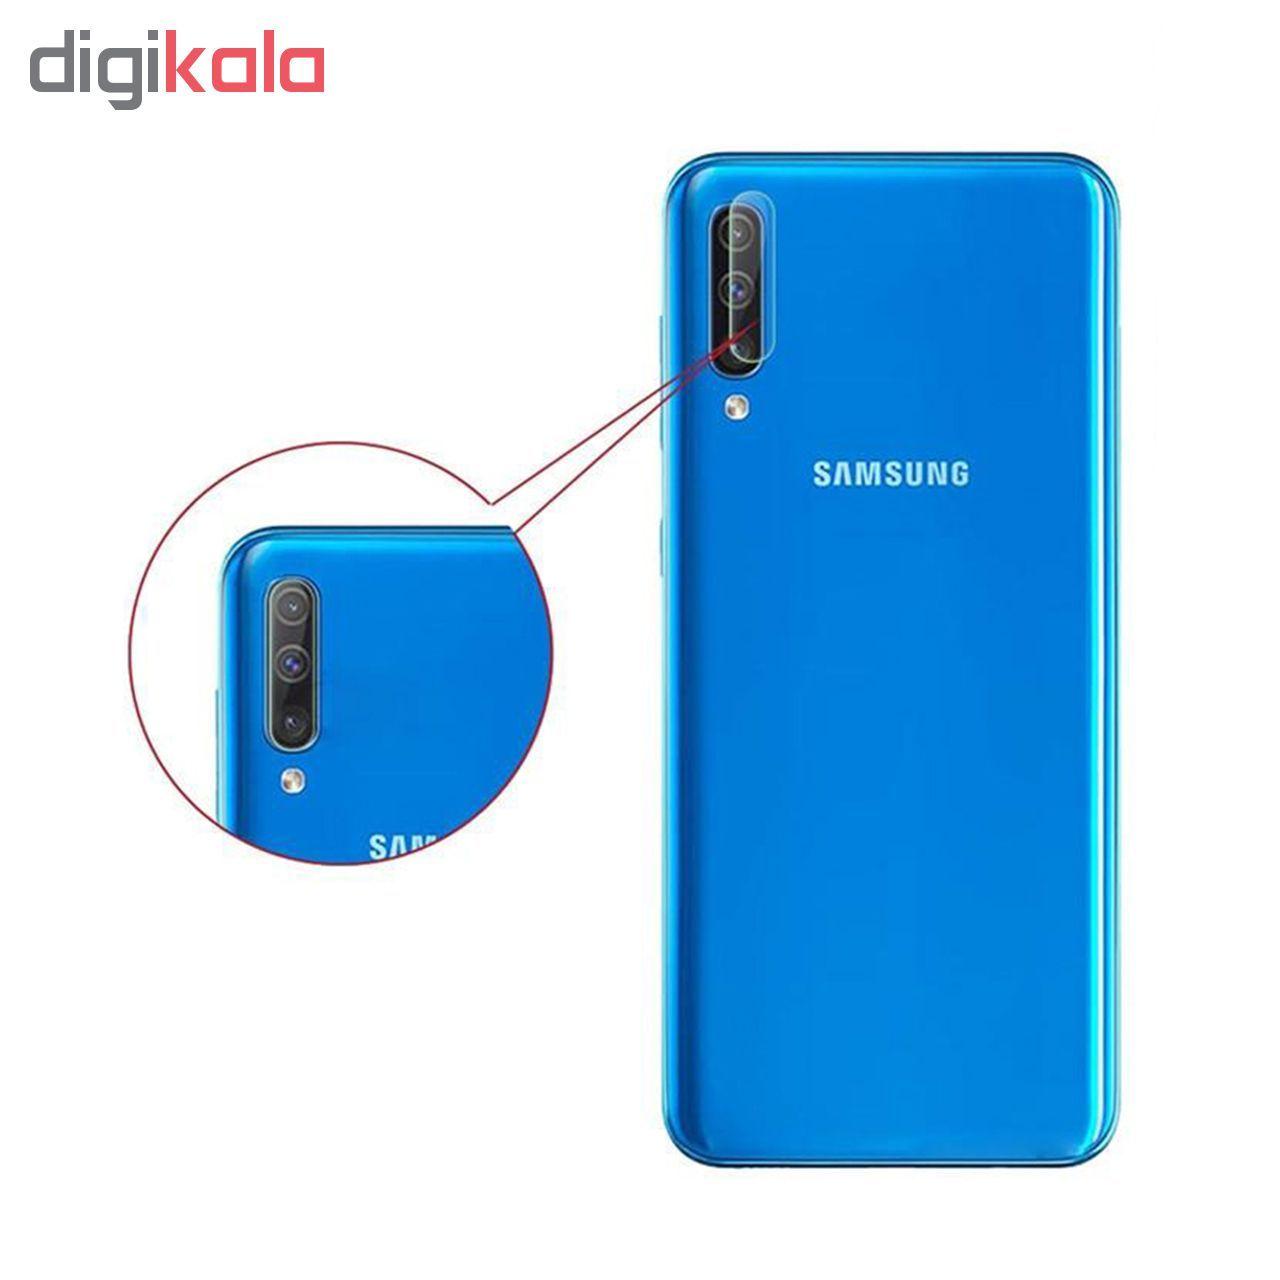 محافظ لنز دوربین مدل G-002 مناسب برای گوشی موبایل سامسونگ Galaxy A50 main 1 1